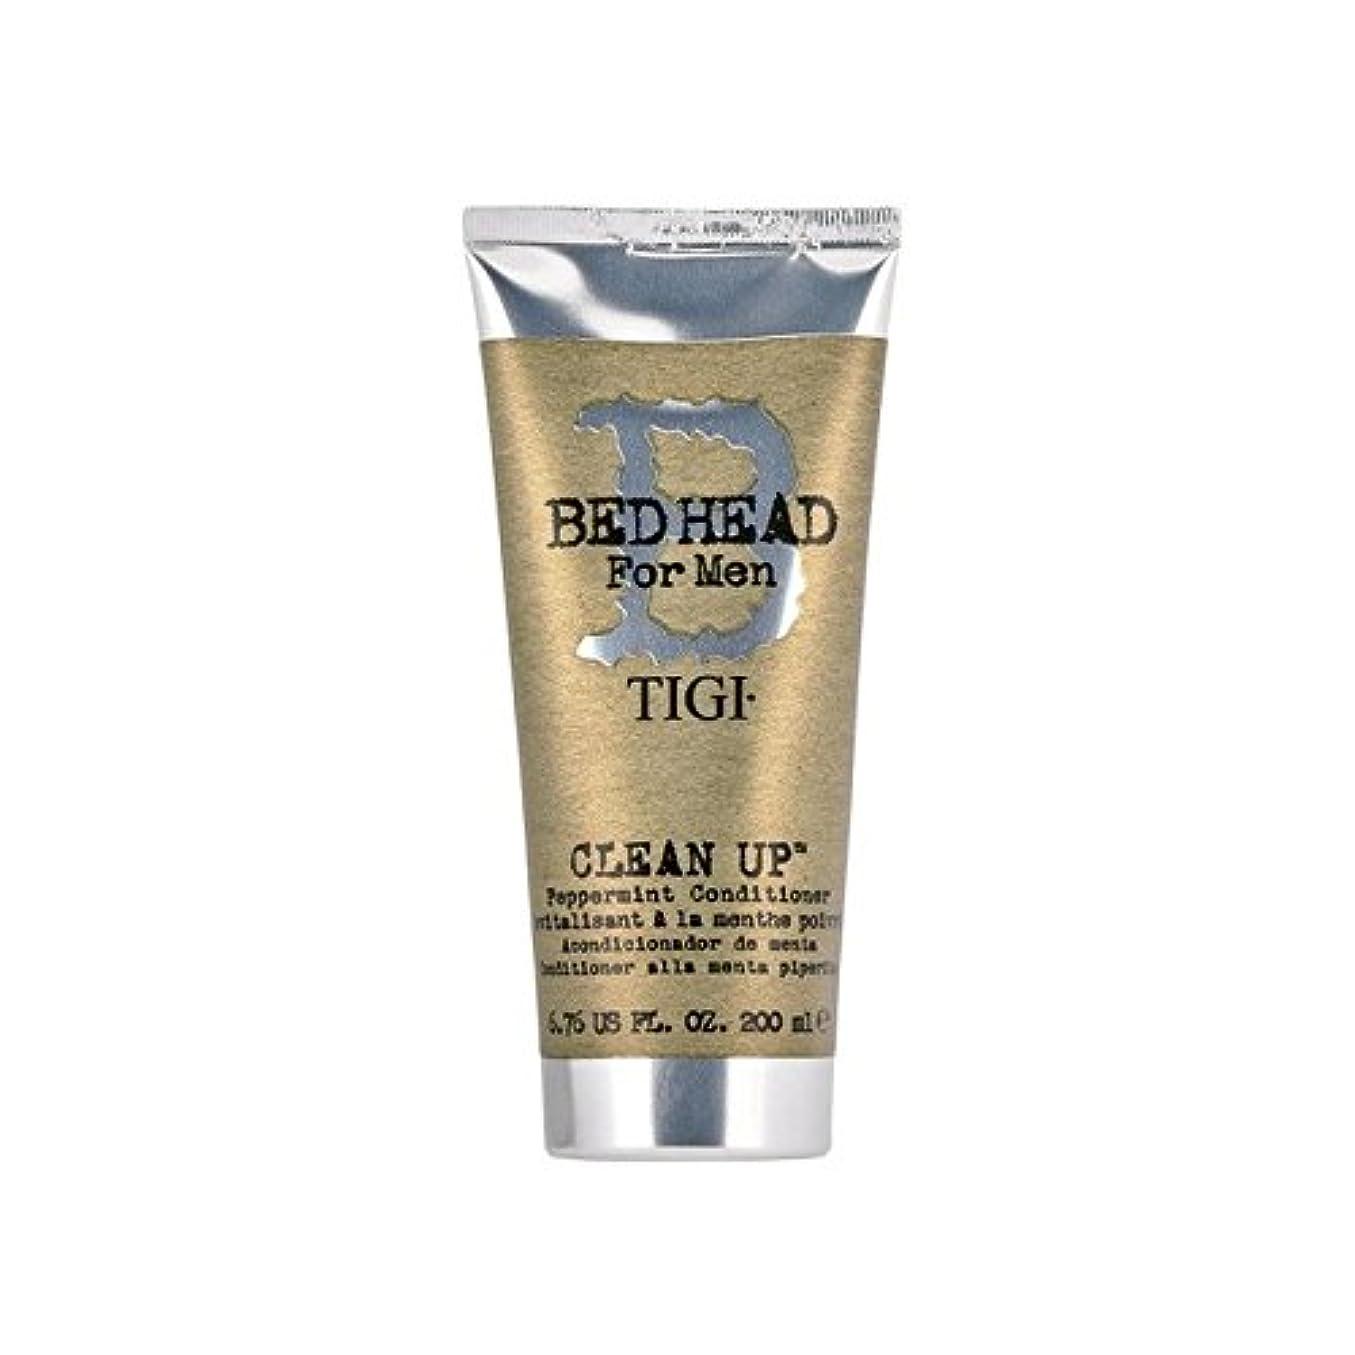 写真を撮るサンダース貸し手ペパーミントコンディショナーをクリーンアップする男性のためのティジーベッドヘッド(200ミリリットル) x4 - Tigi Bed Head For Men Clean Up Peppermint Conditioner (200ml) (Pack of 4) [並行輸入品]